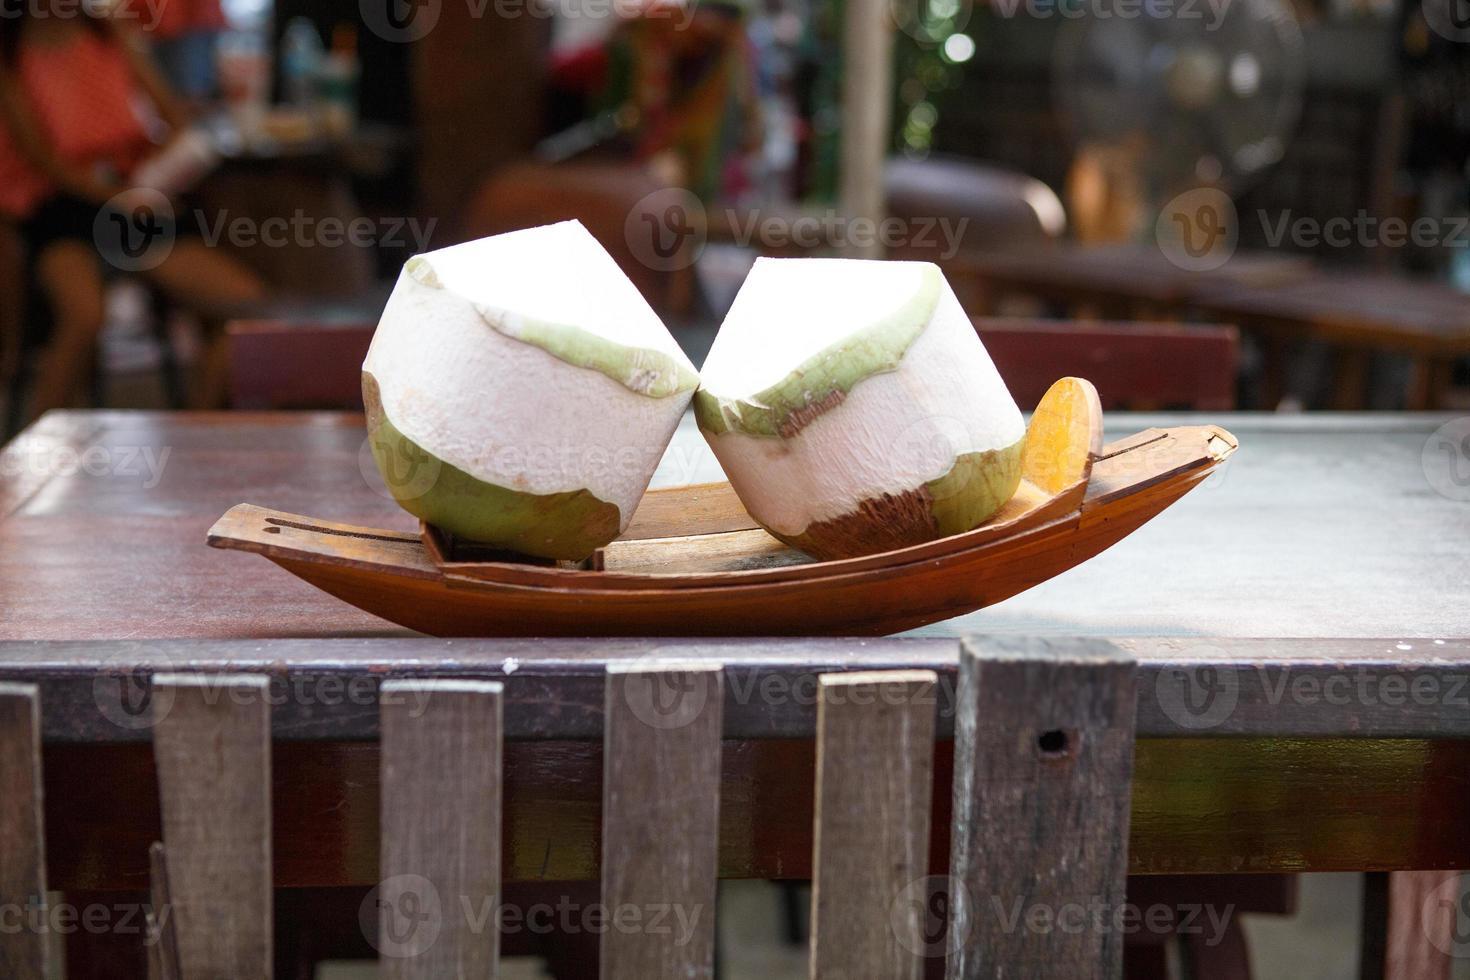 corta las partes superiores y disfruta de un refrescante agua de coco. foto